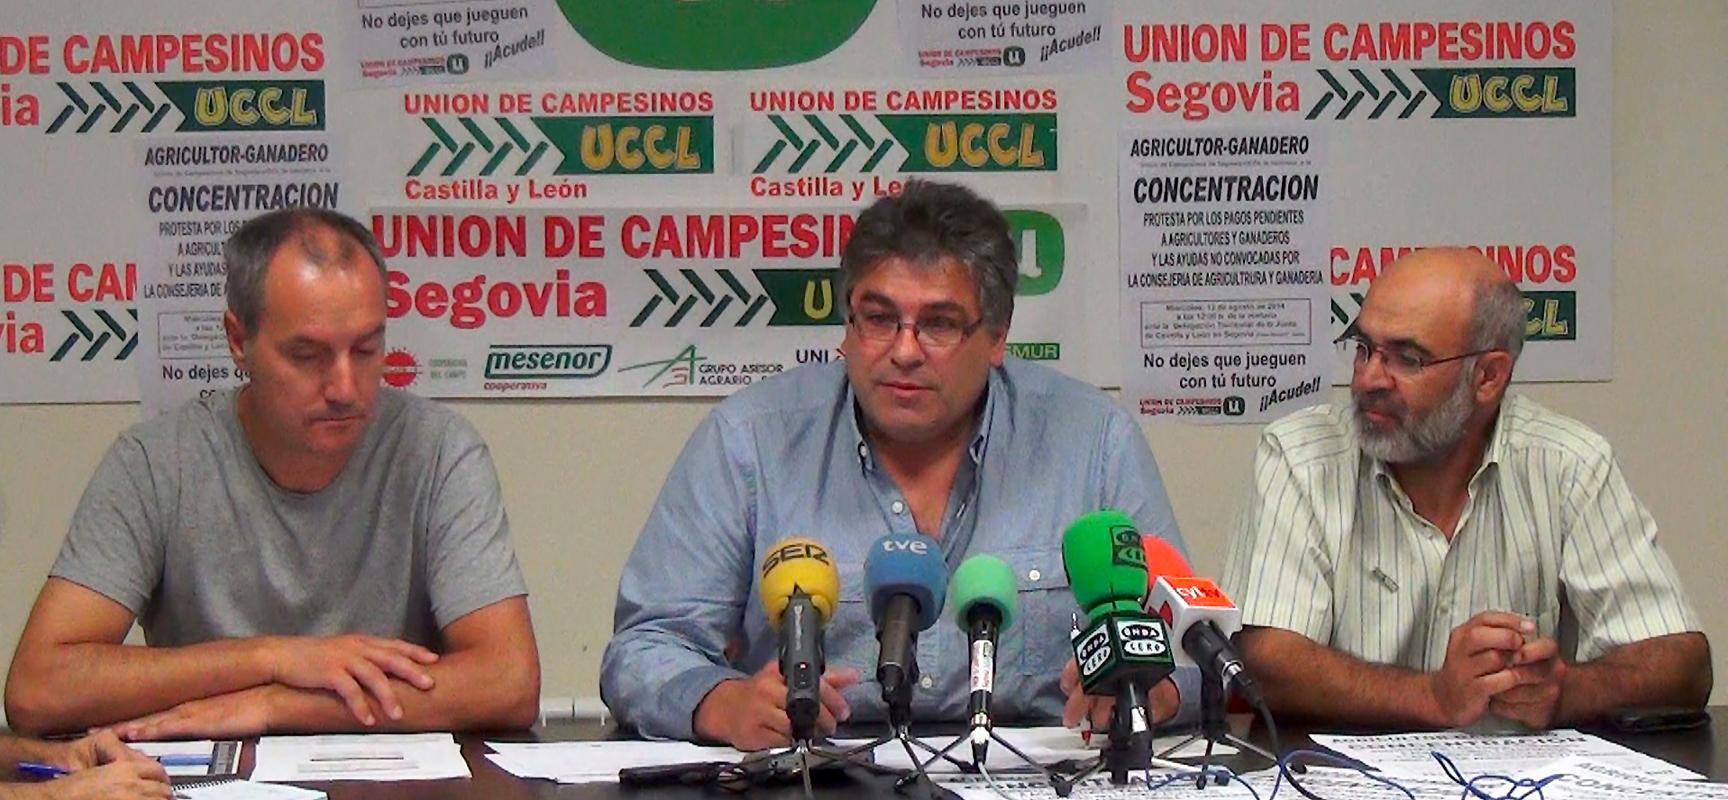 Un momento de la rueda de prensa en la que se anunciaron las movilizaciones.